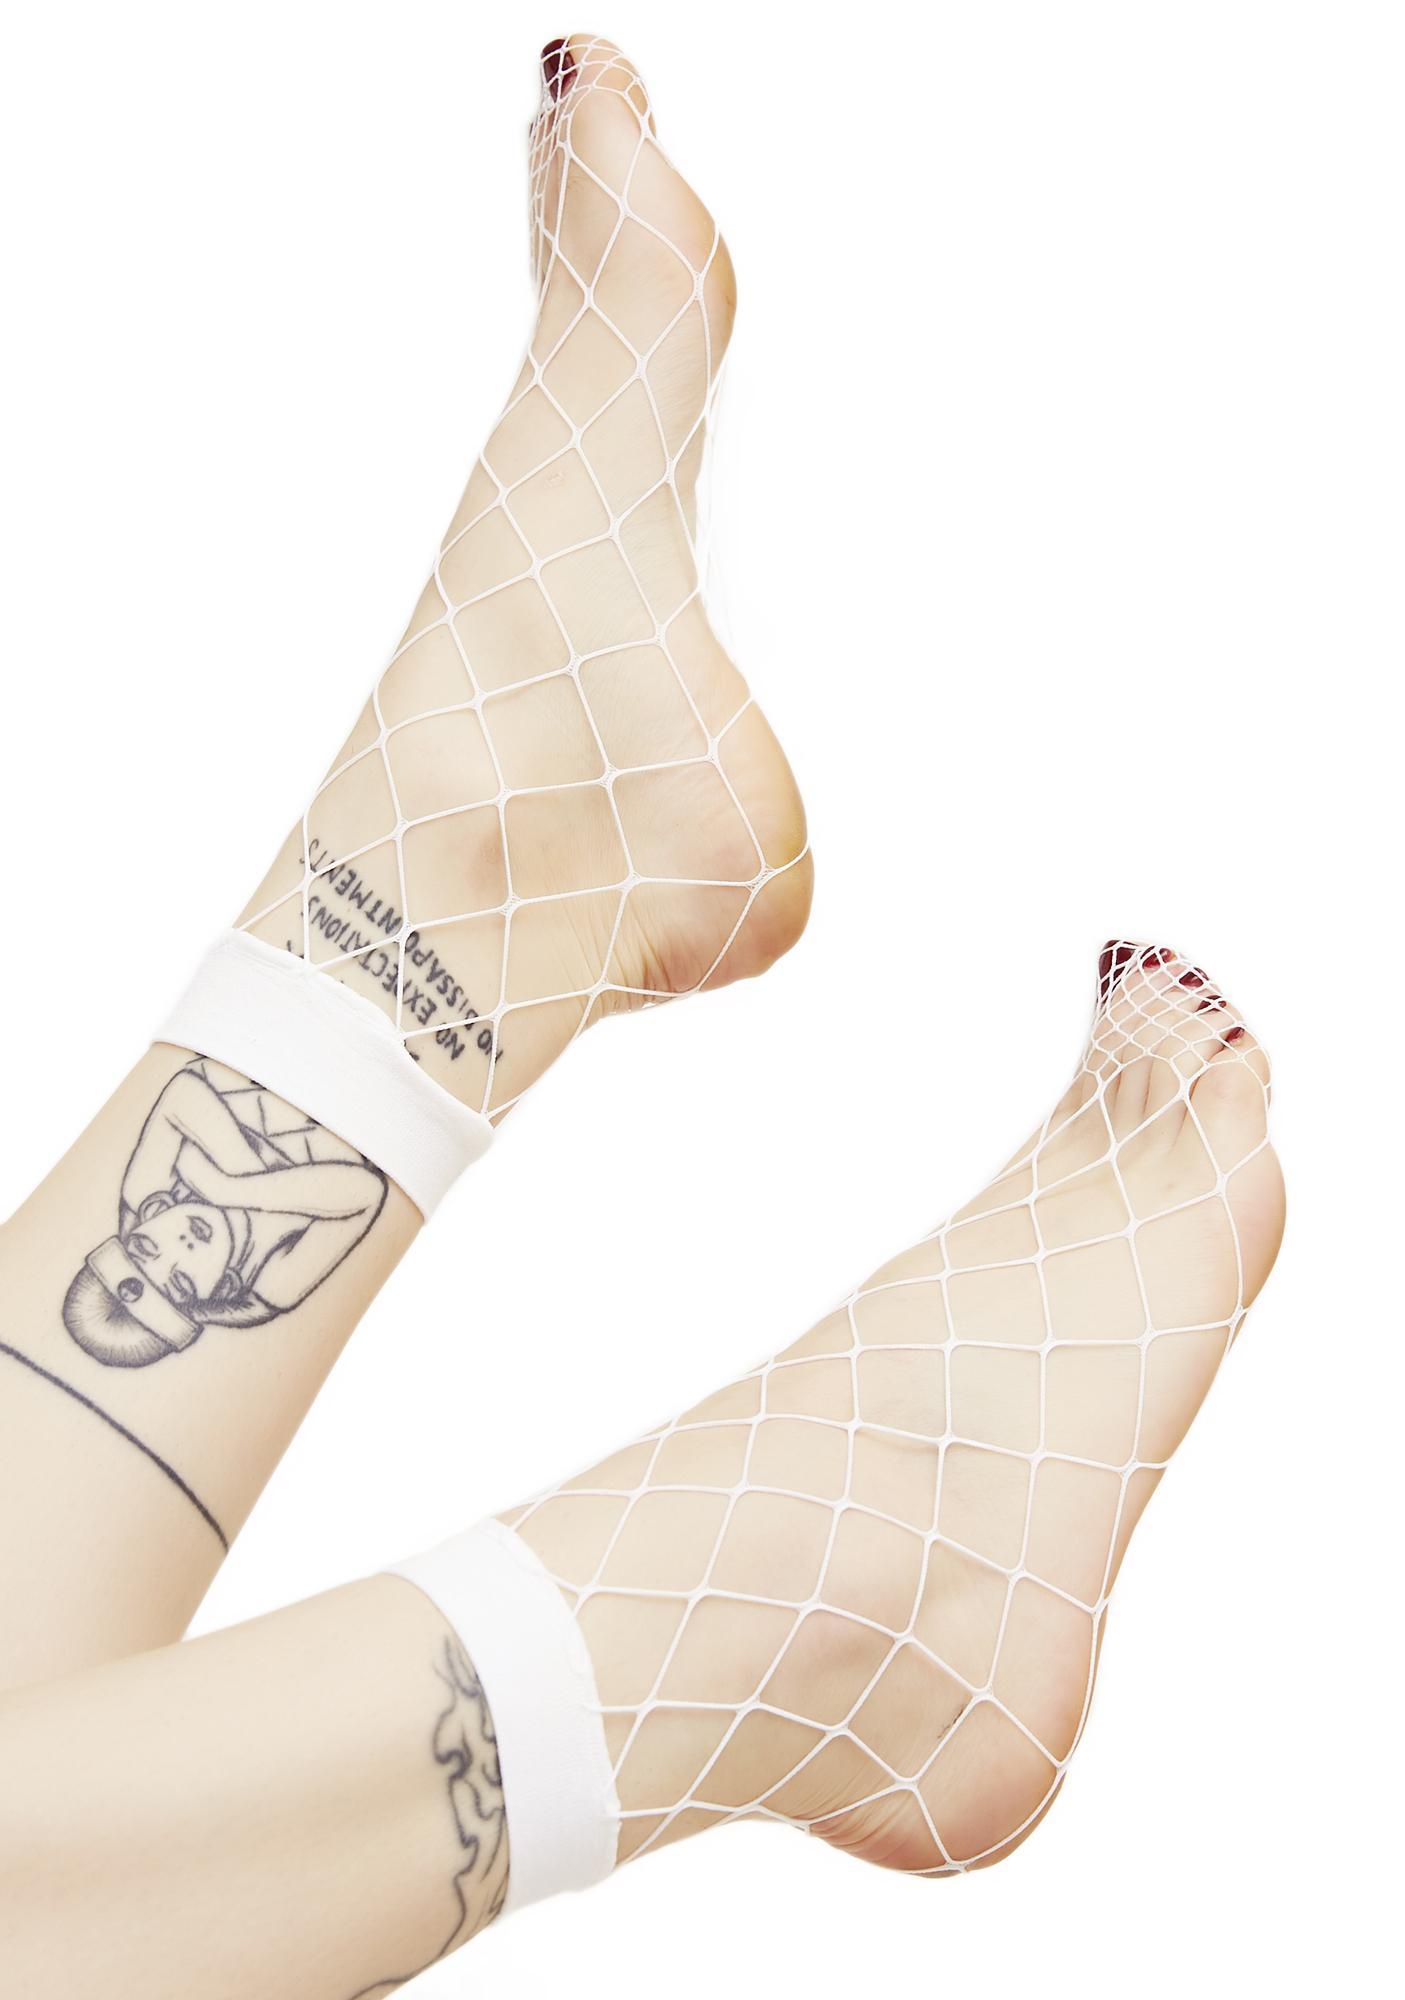 Ruckus Fishnet Socks